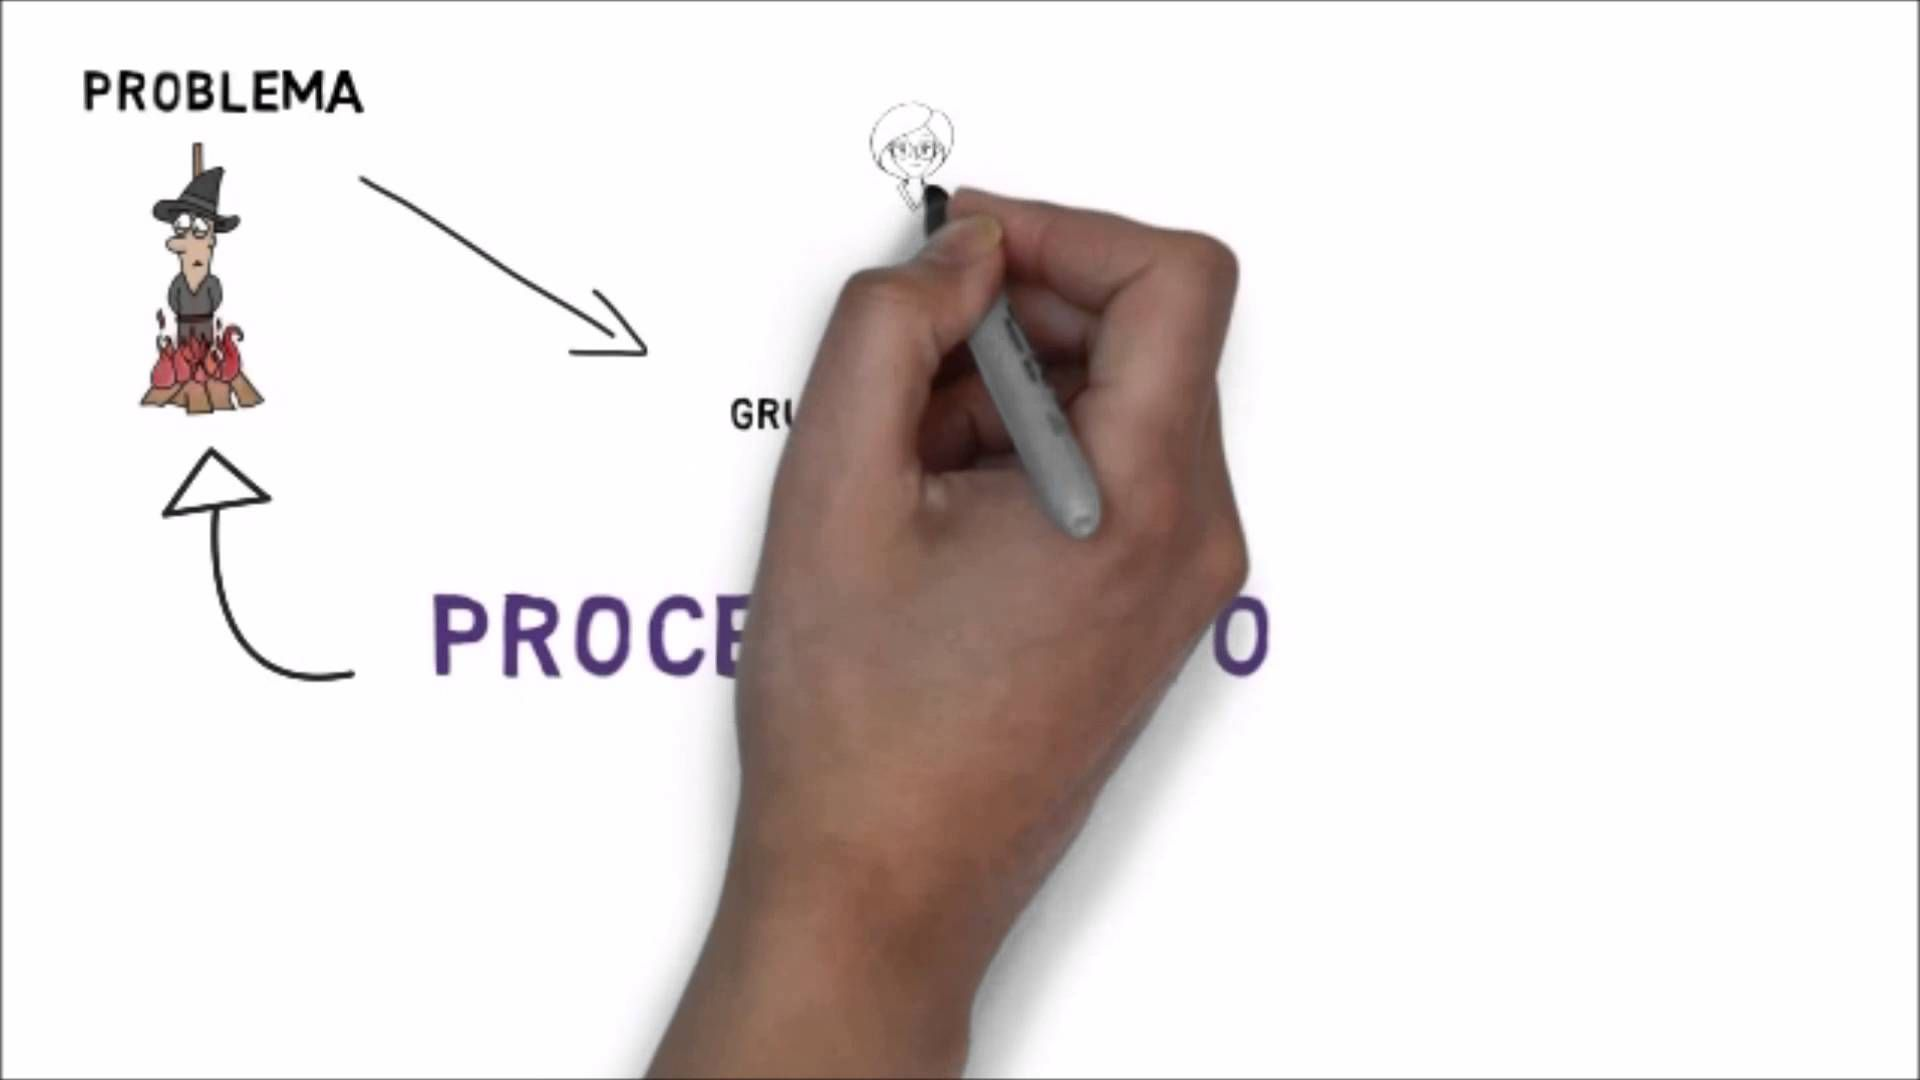 ¿Qué es el método delphi? Vamos más allá gracias a Clara López.